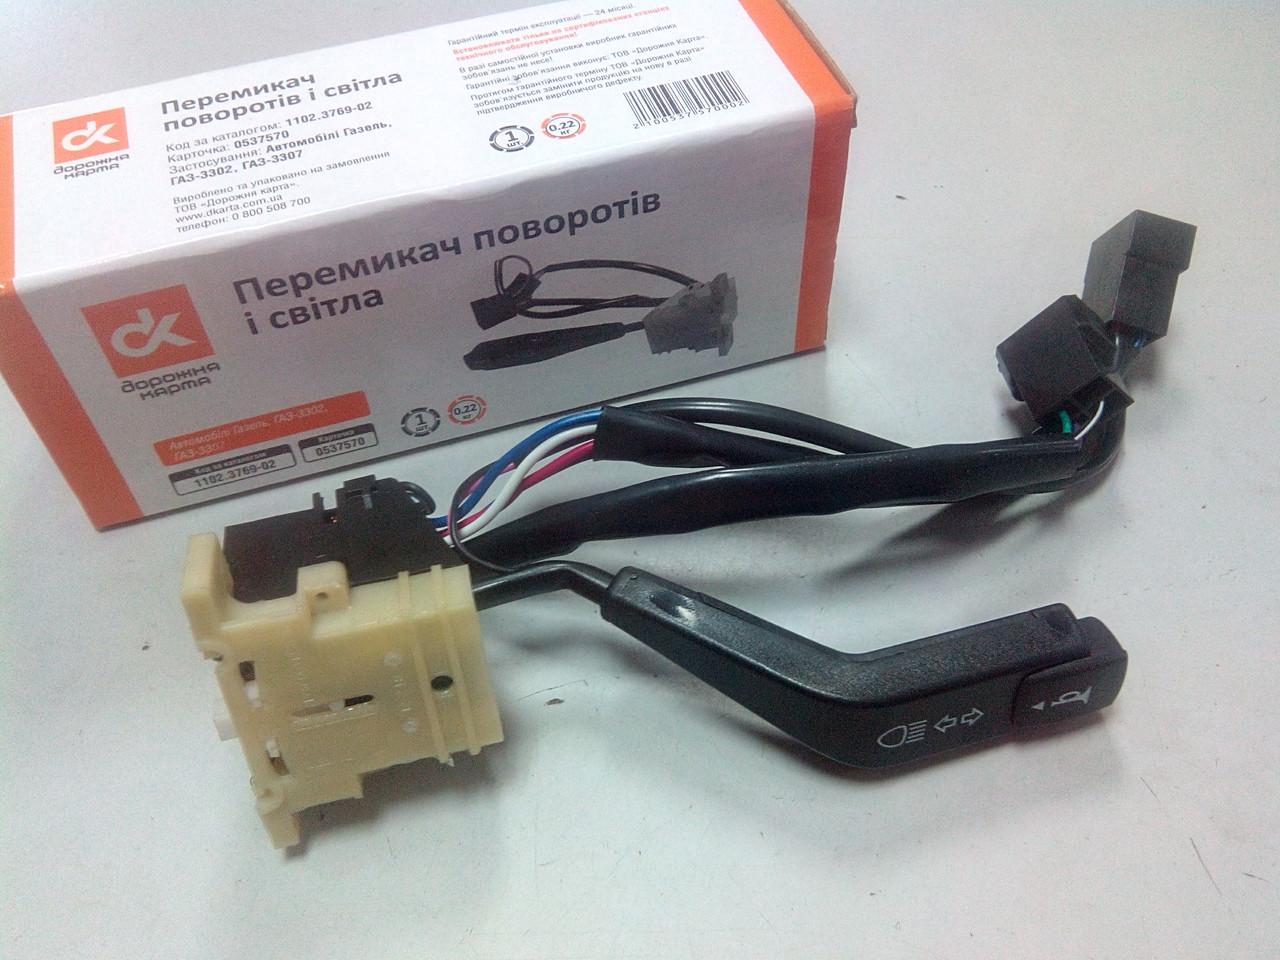 Перекл. поворотов и света ГАЗ 3302 (света) кнопка сбоку